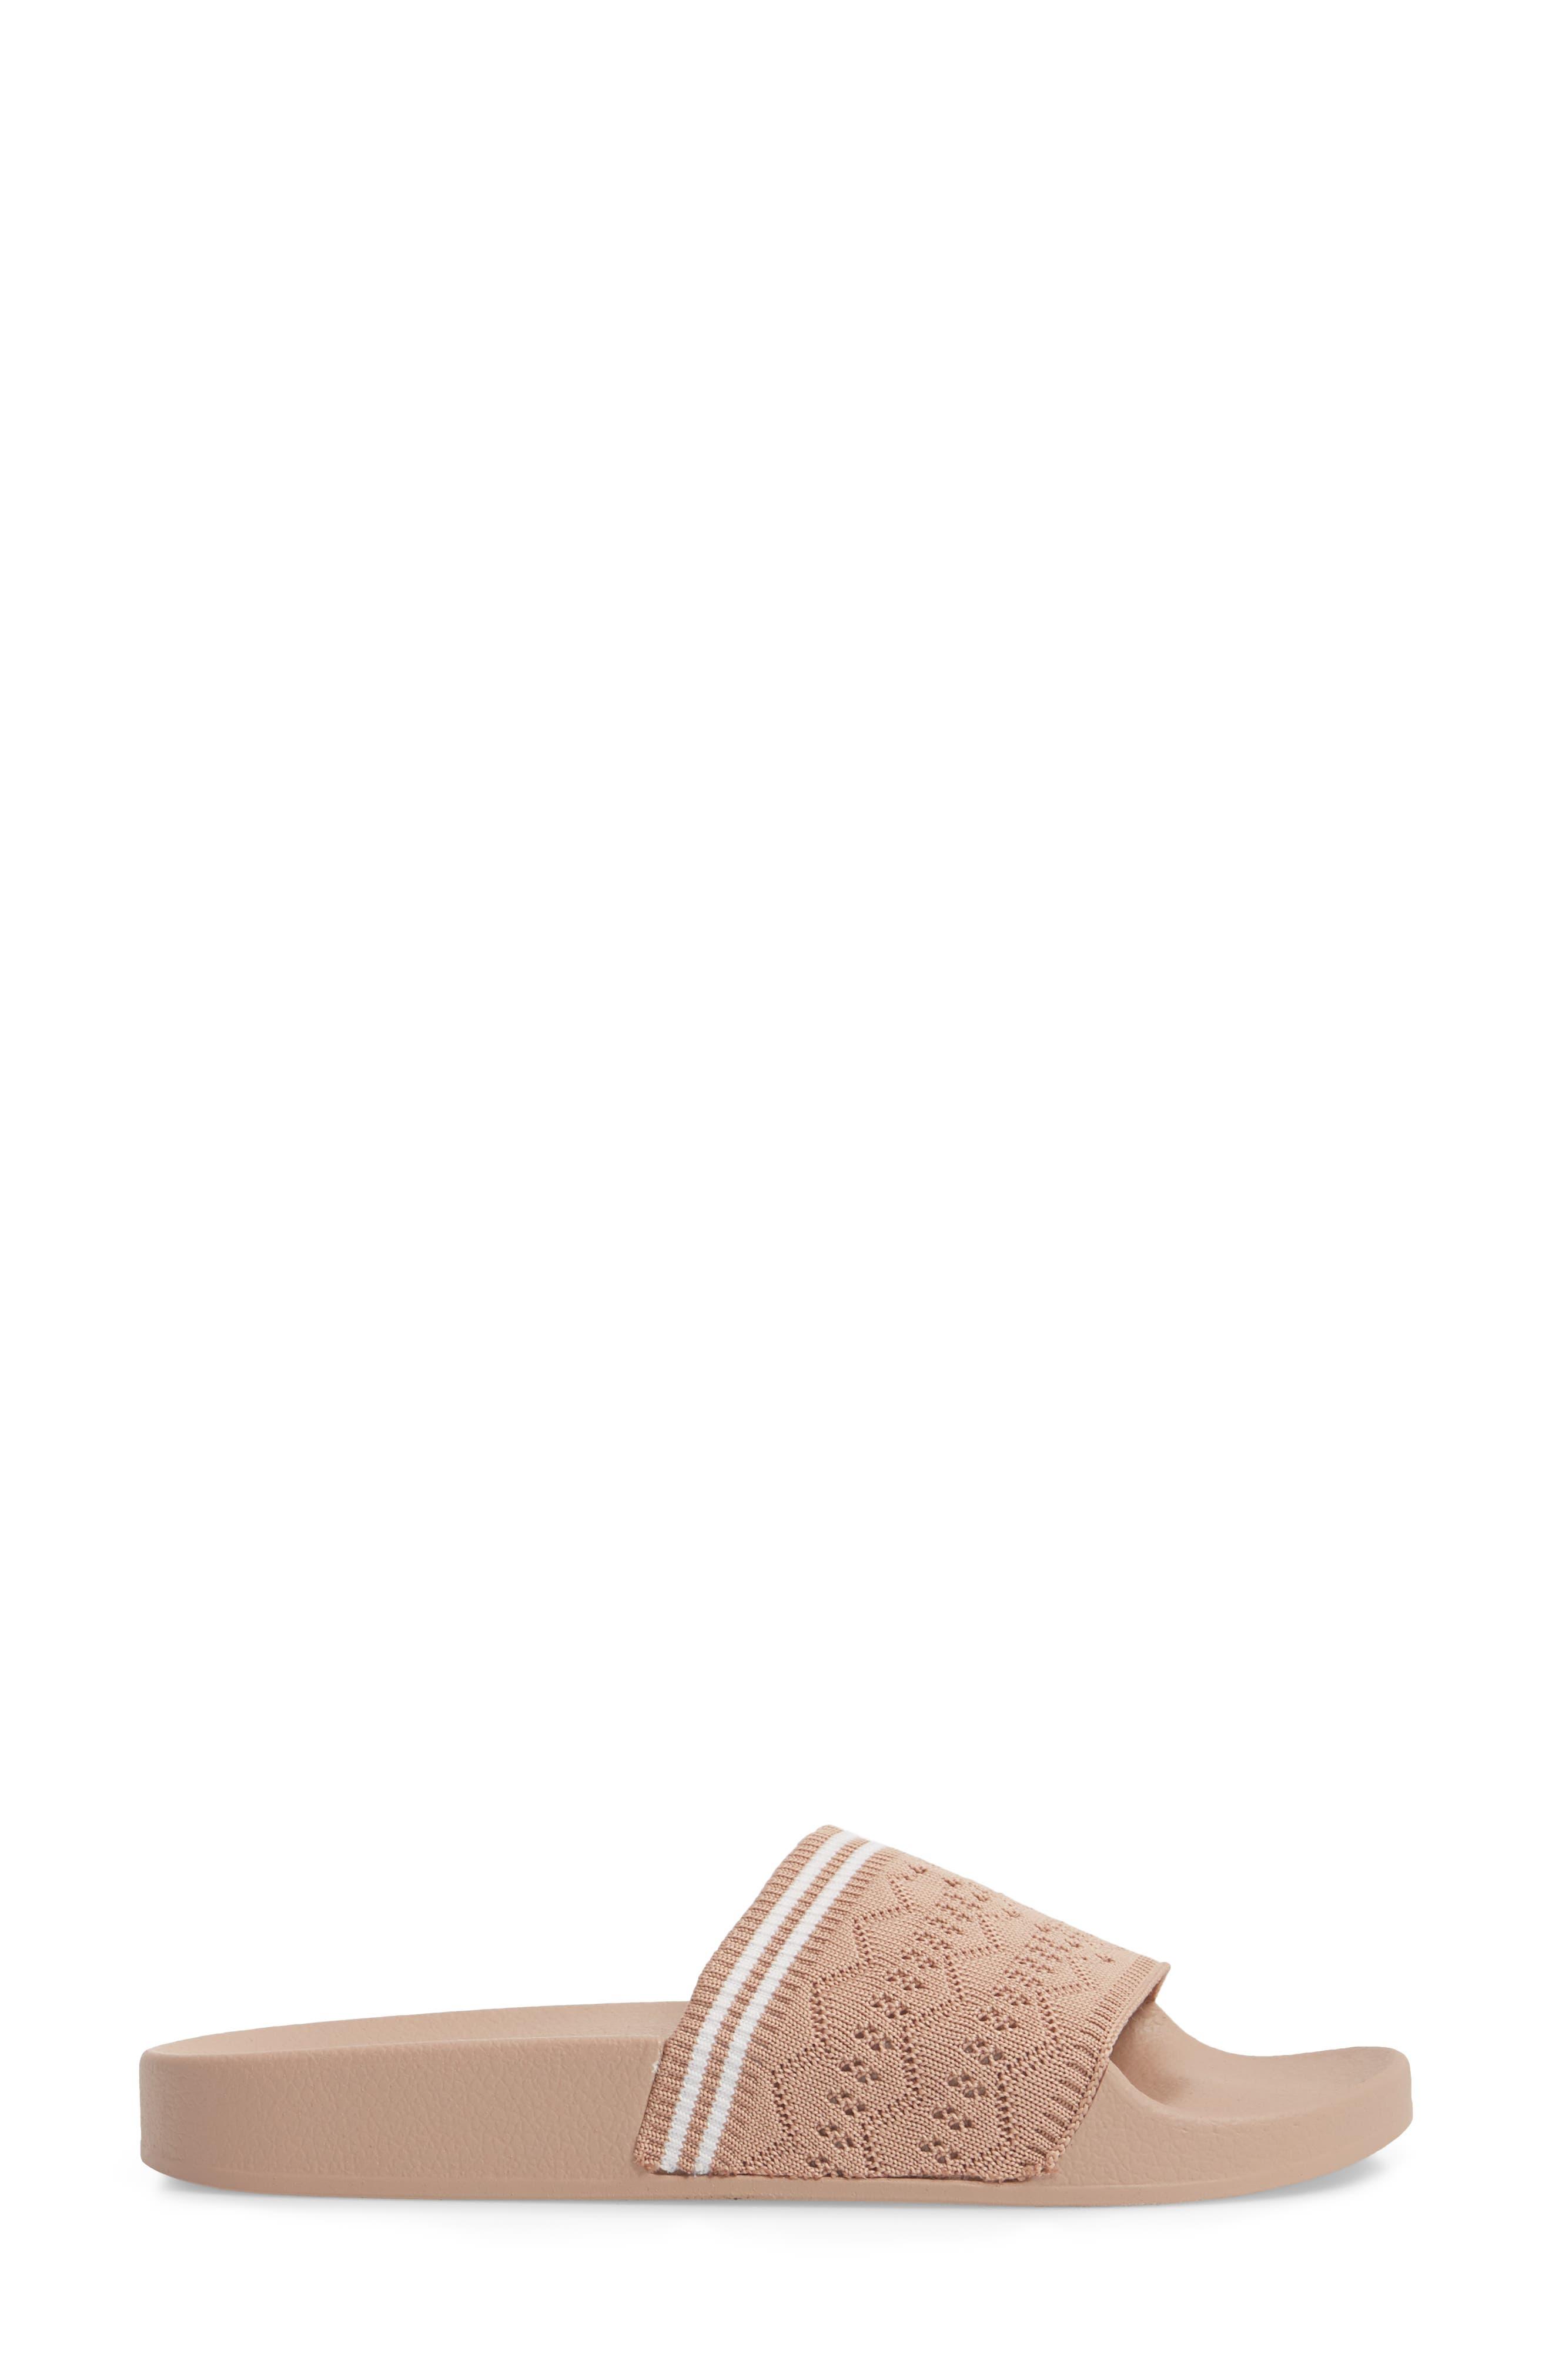 Vibe Sock Knit Slide Sandal,                             Alternate thumbnail 3, color,                             Blush